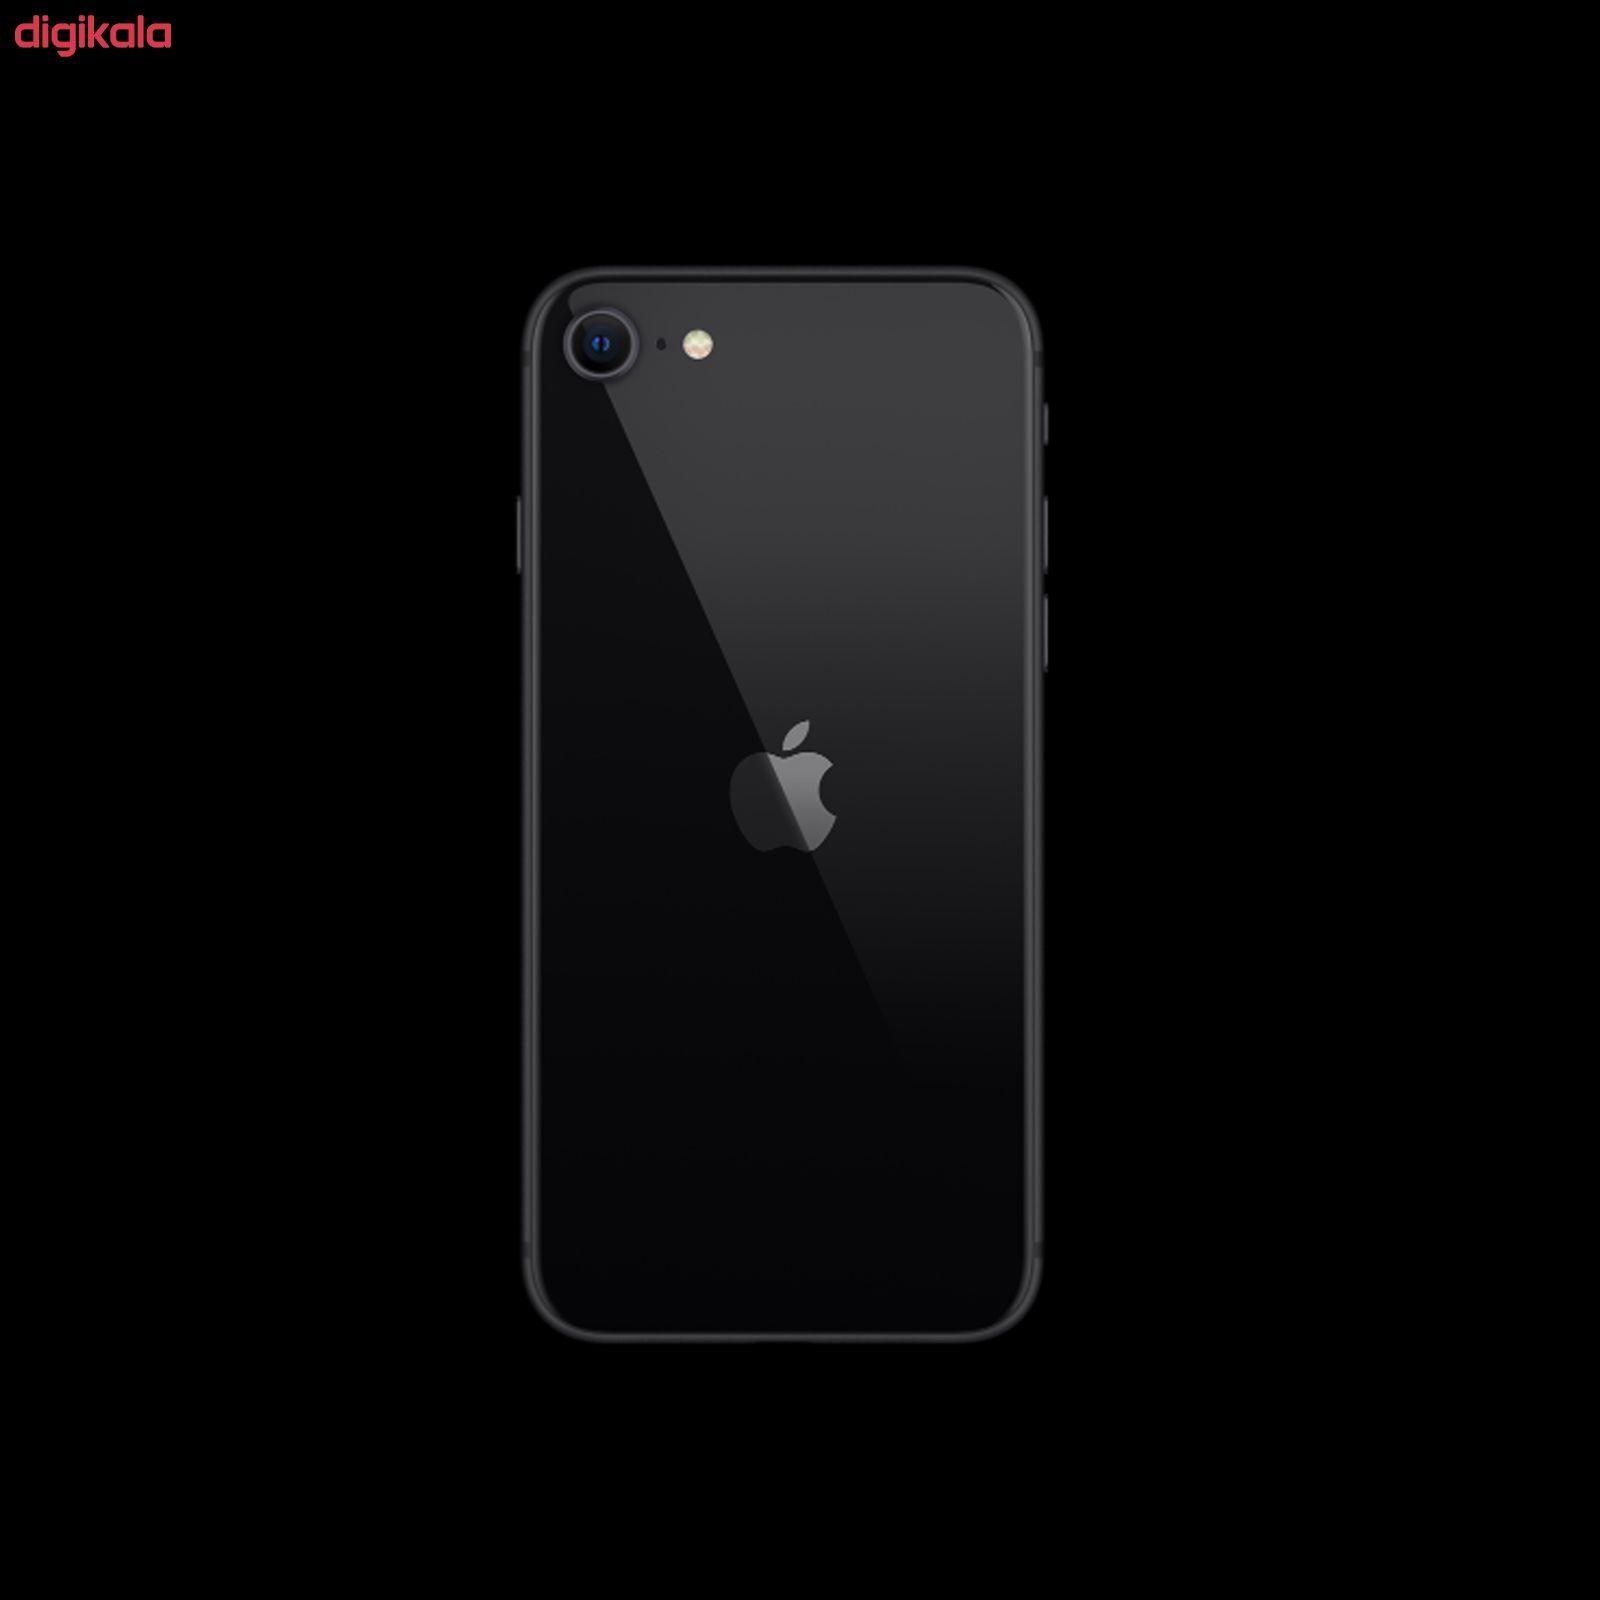 گوشی موبایل اپل مدل  iPhone SE 2020 A2275 ظرفیت 128 گیگابایت main 1 8